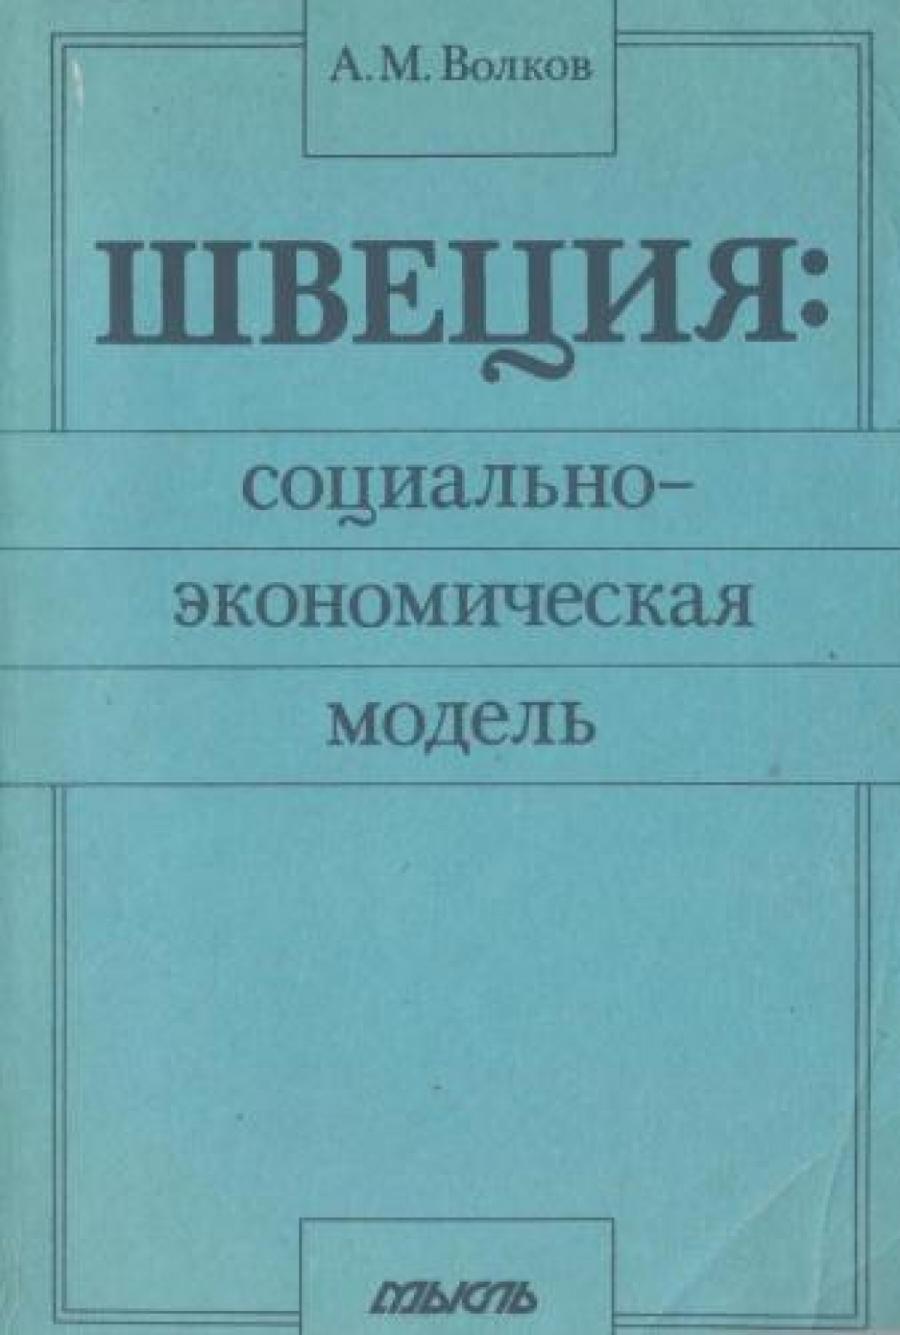 Обложка книги:  волков а.м. - швеция. социально-экономическая модель